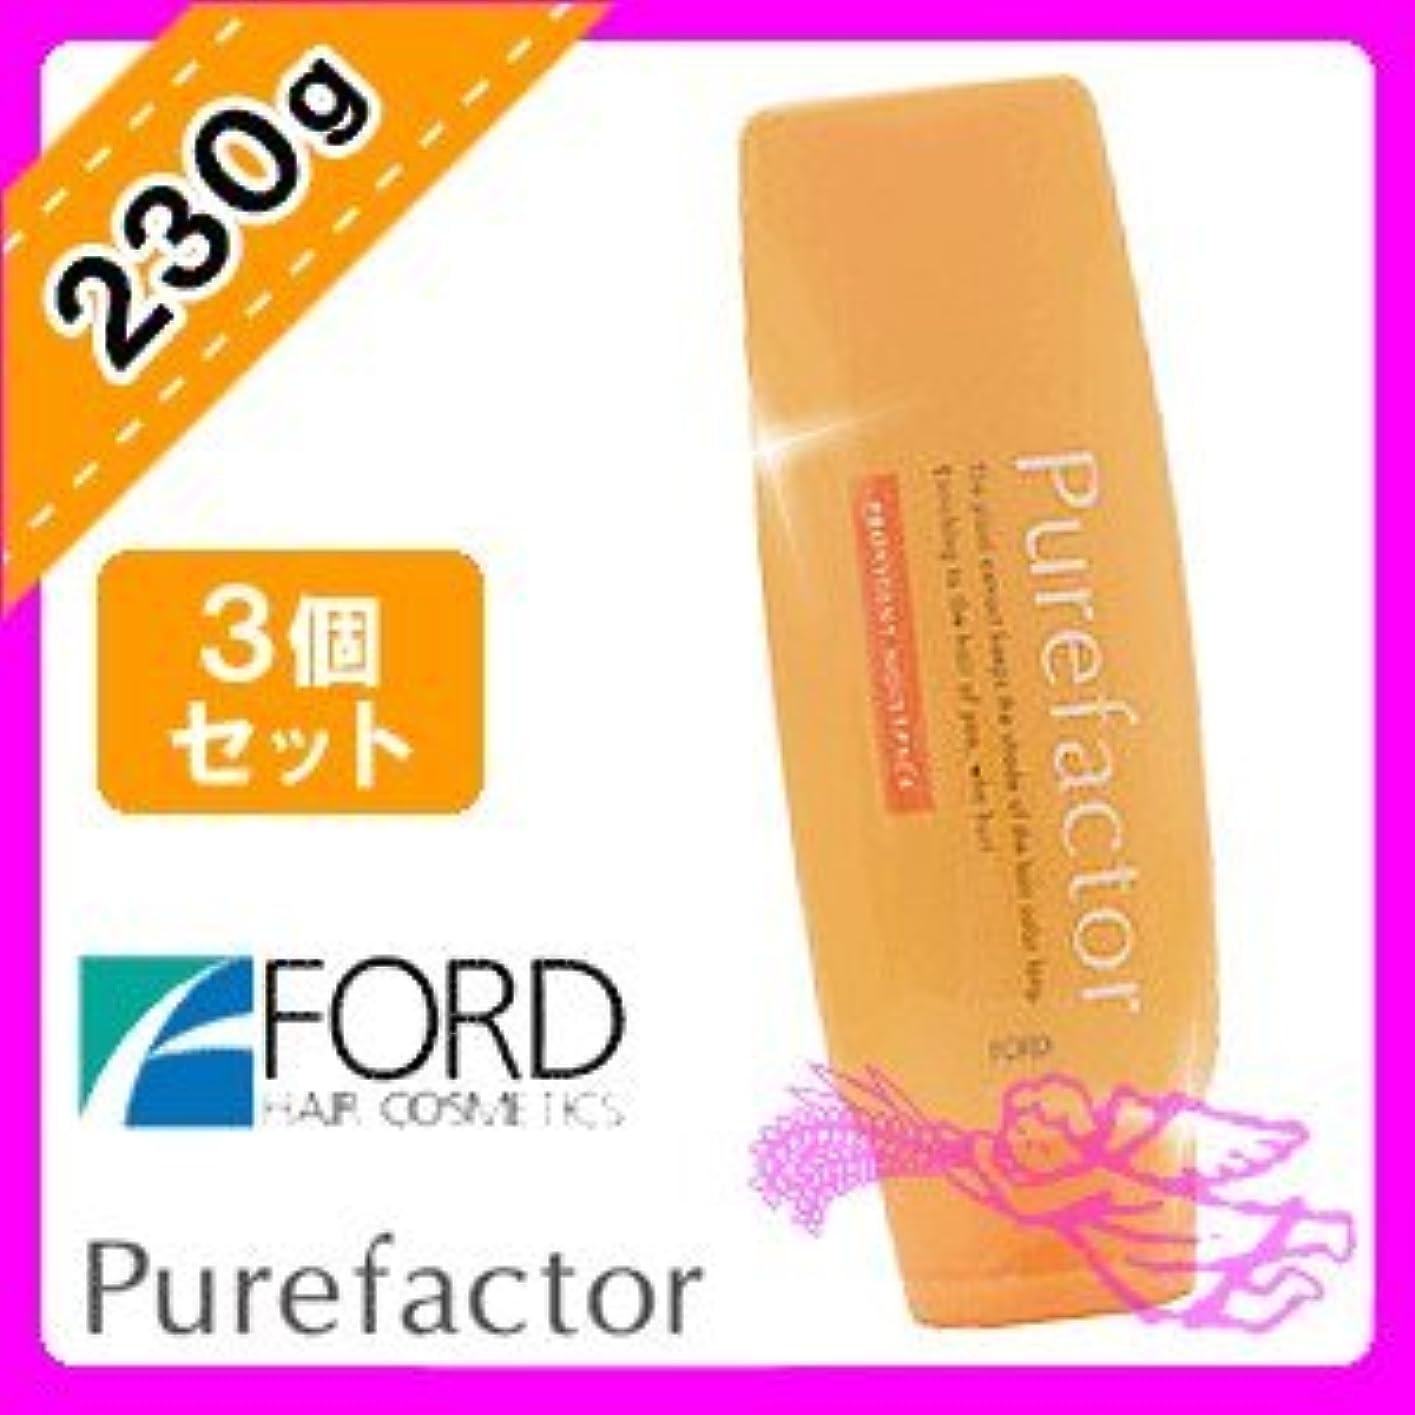 リブ批判誕生日フォード ピュアファクター モイストパック 230g ×3個 セット FORD Pure factor